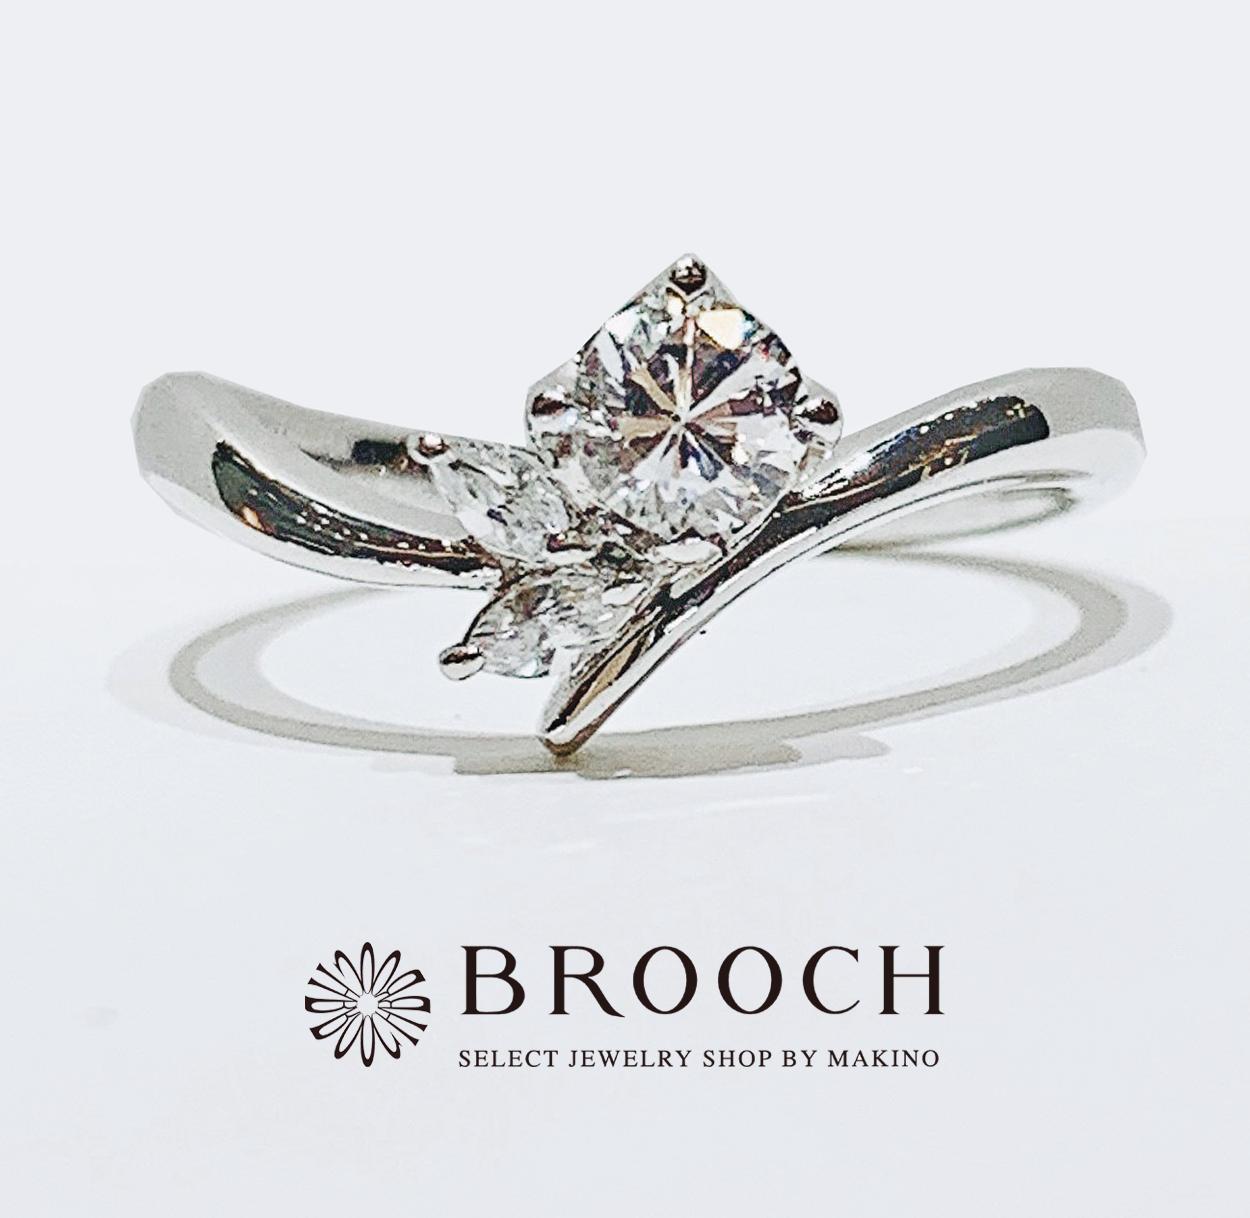 BROOCH 婚約指輪 エンゲージリング かわいい お花風ウェーブデザイン